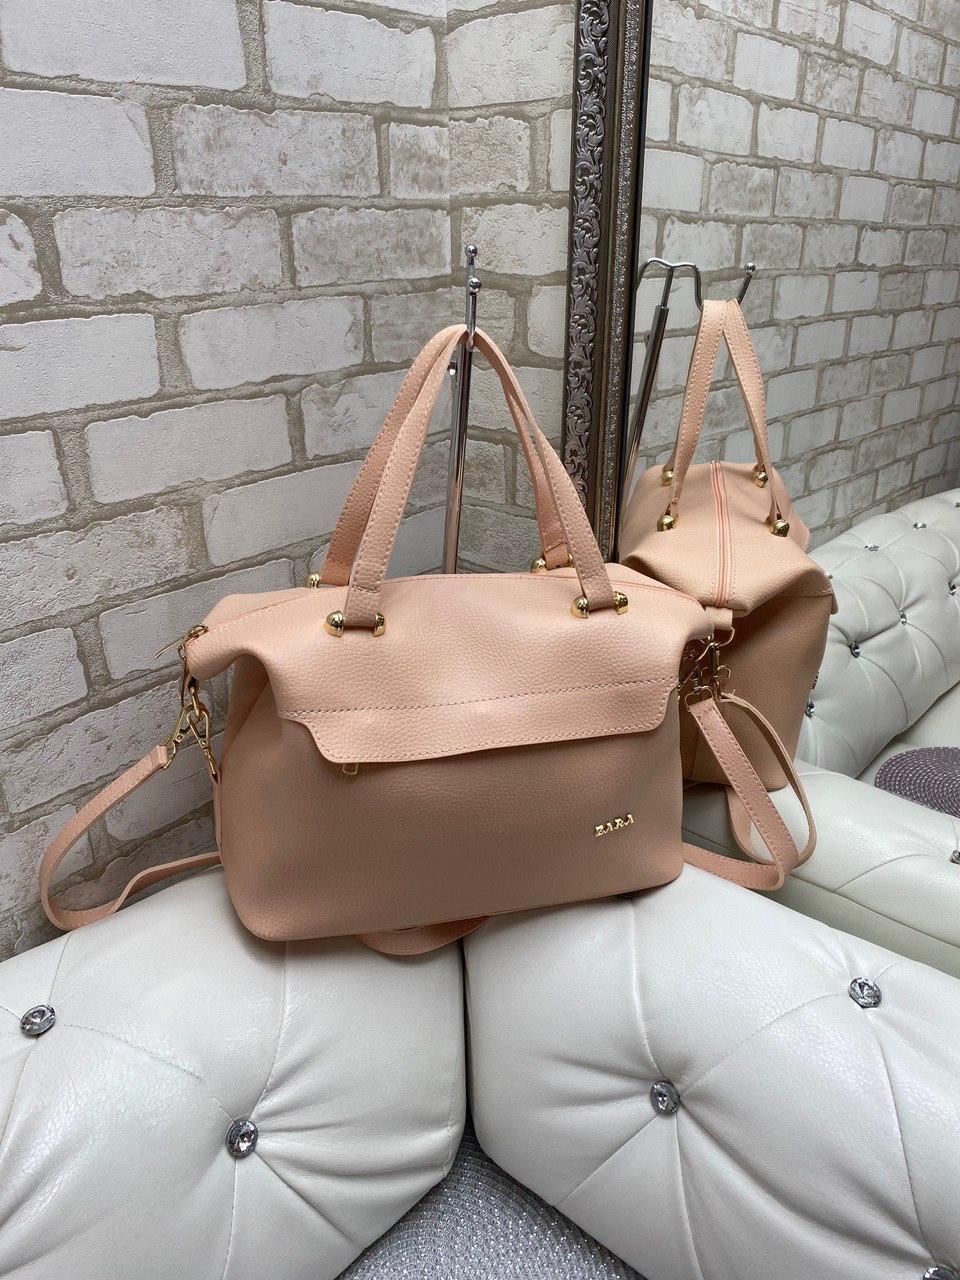 Большая женская сумка на плечо пудровая модная городская саквояж шоппер брендовая кожзам